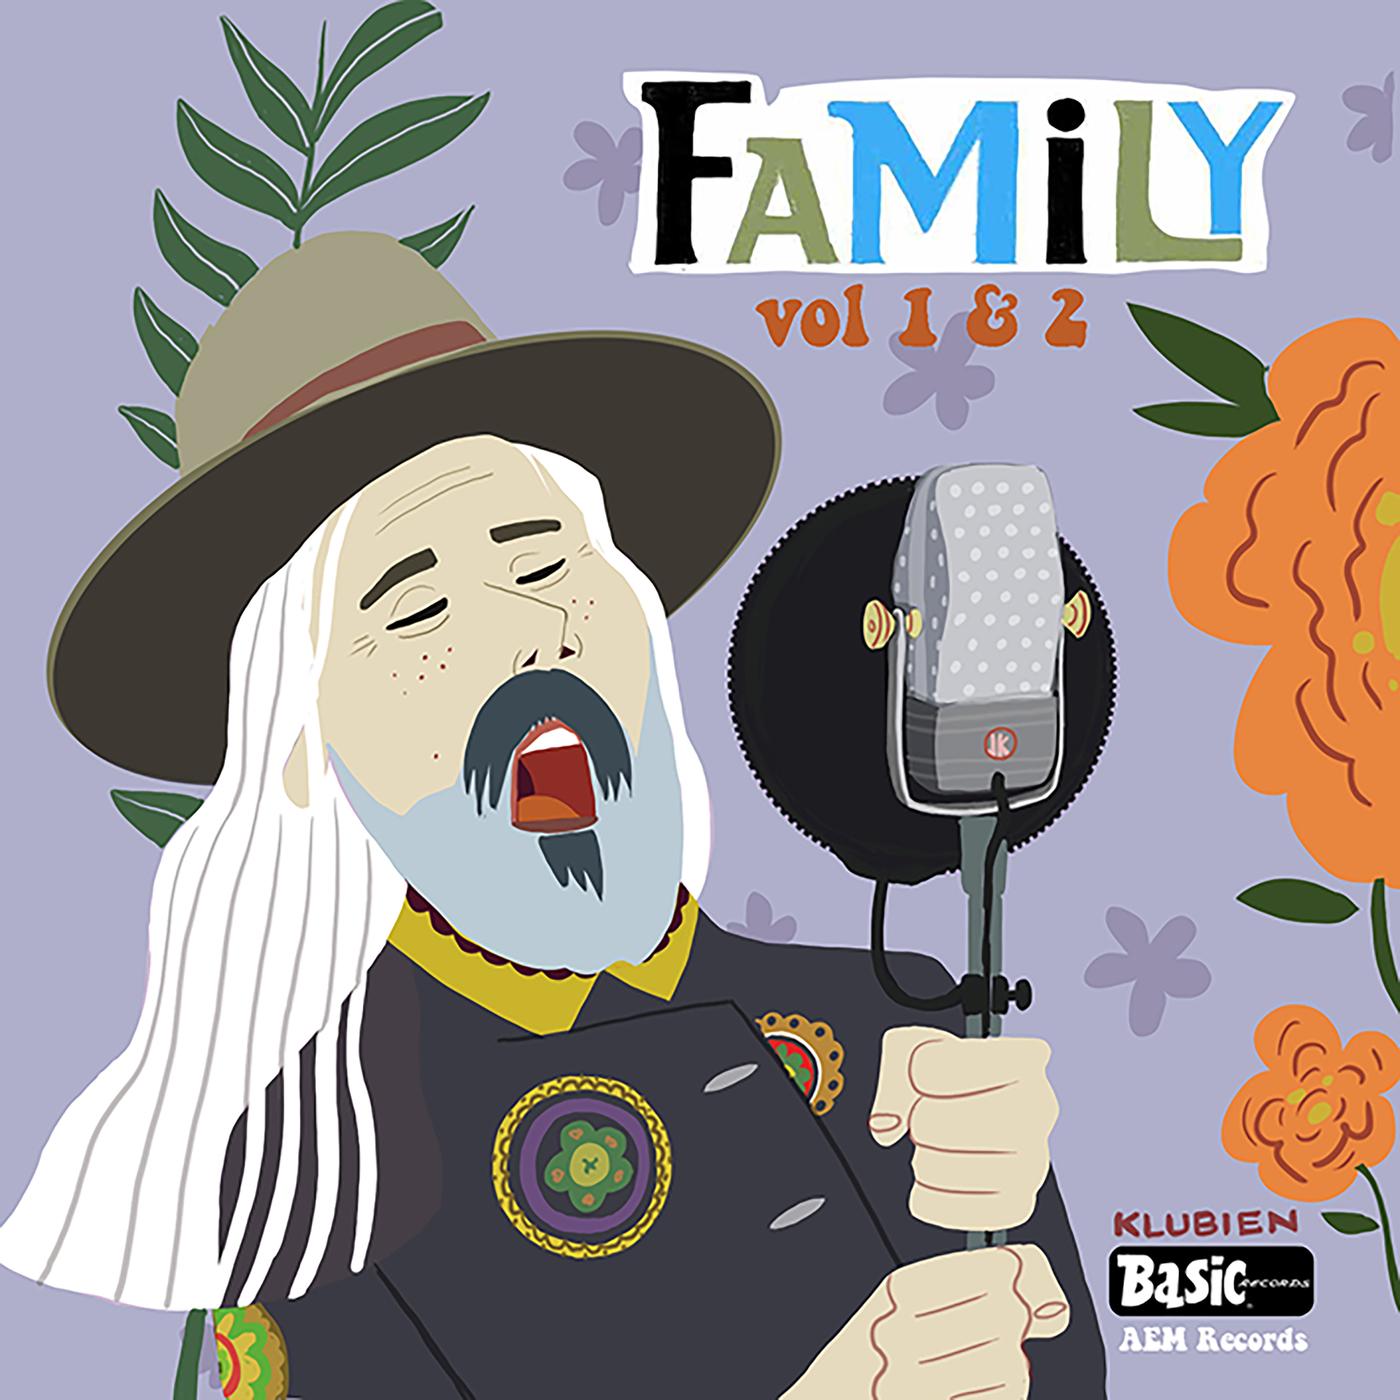 Family Volume 1 & 2 - Klubien